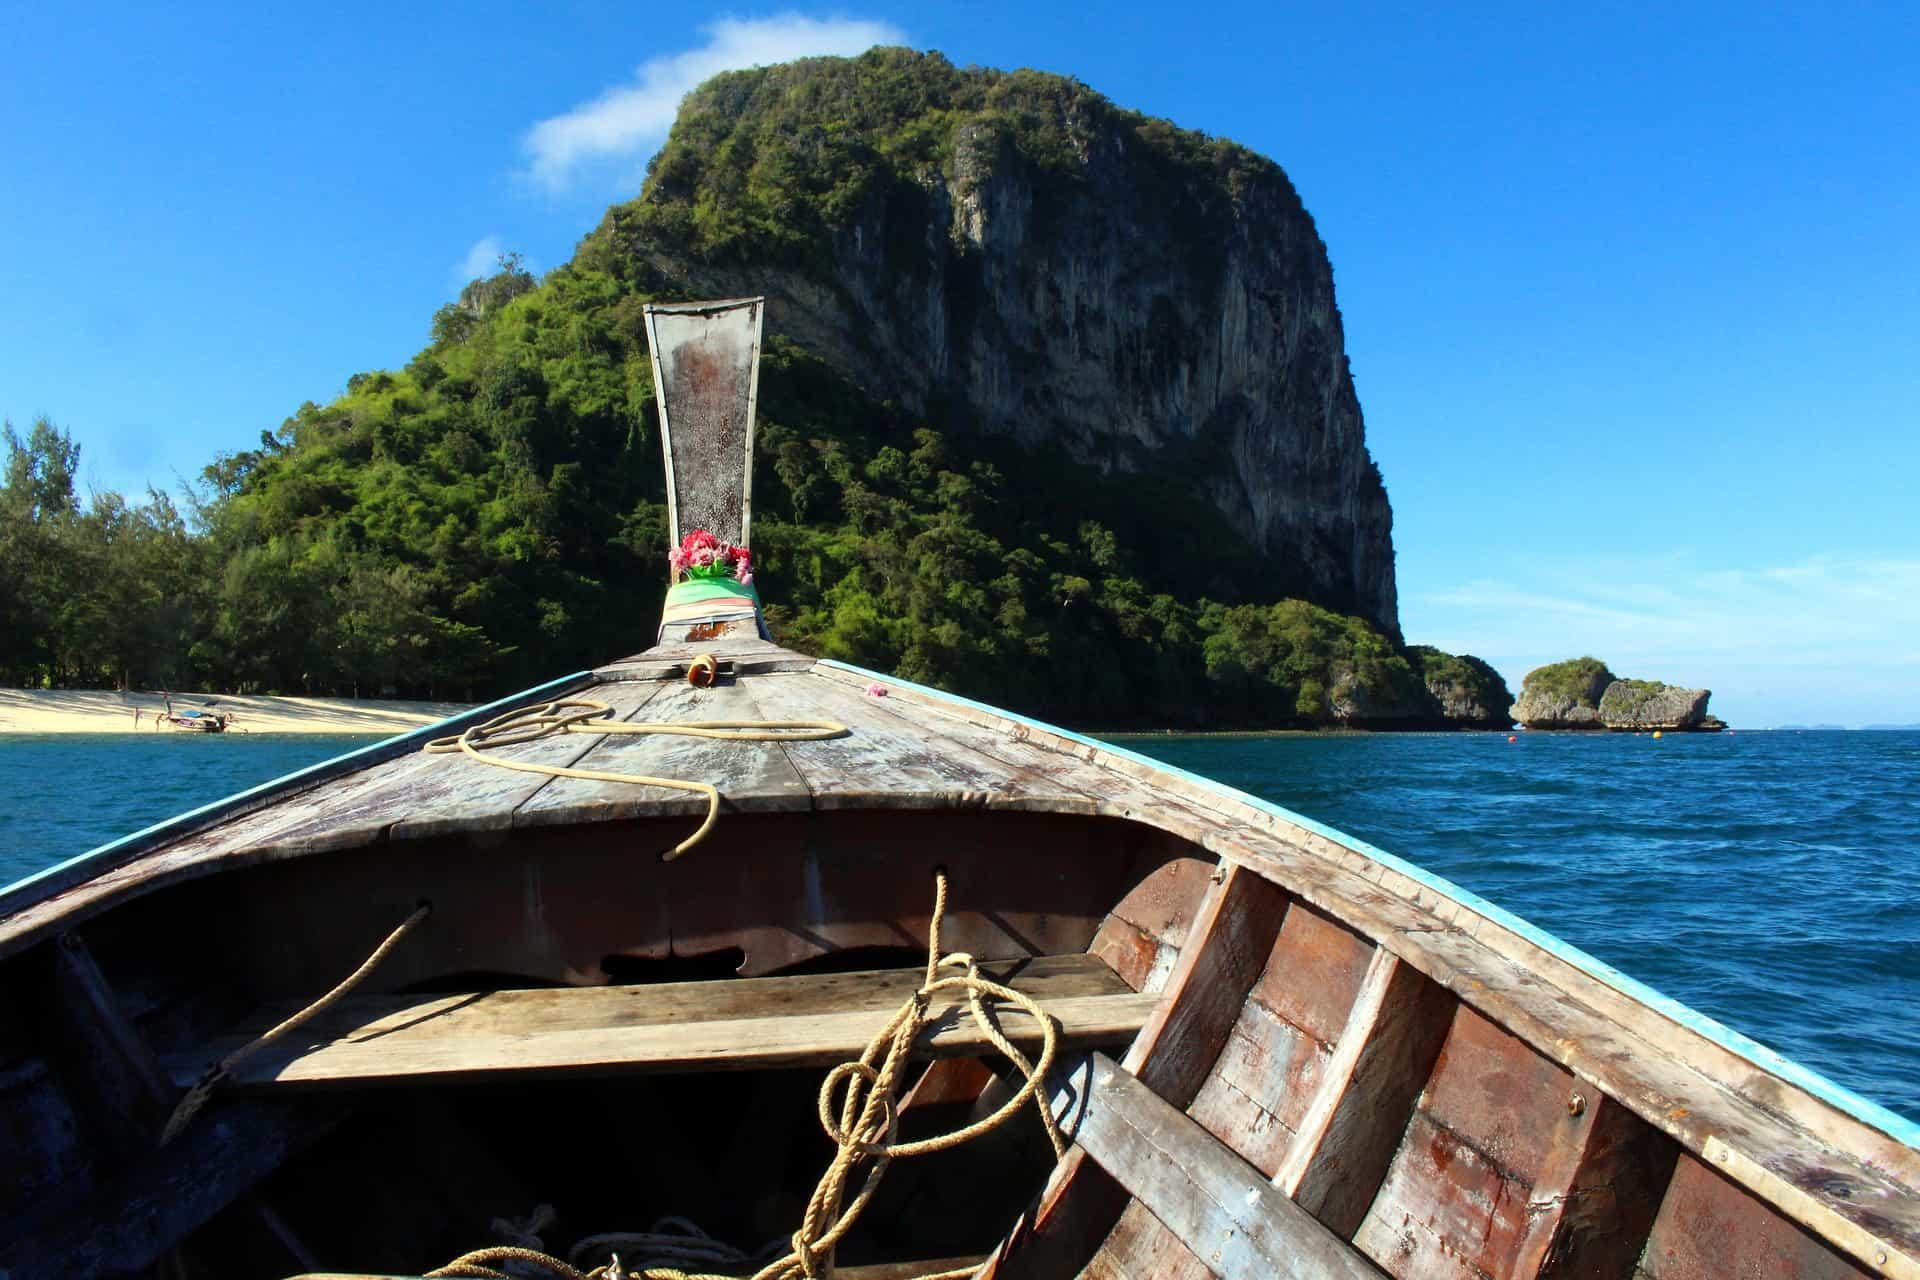 Mit den Booten kann man perfekt Insel Hopping machen